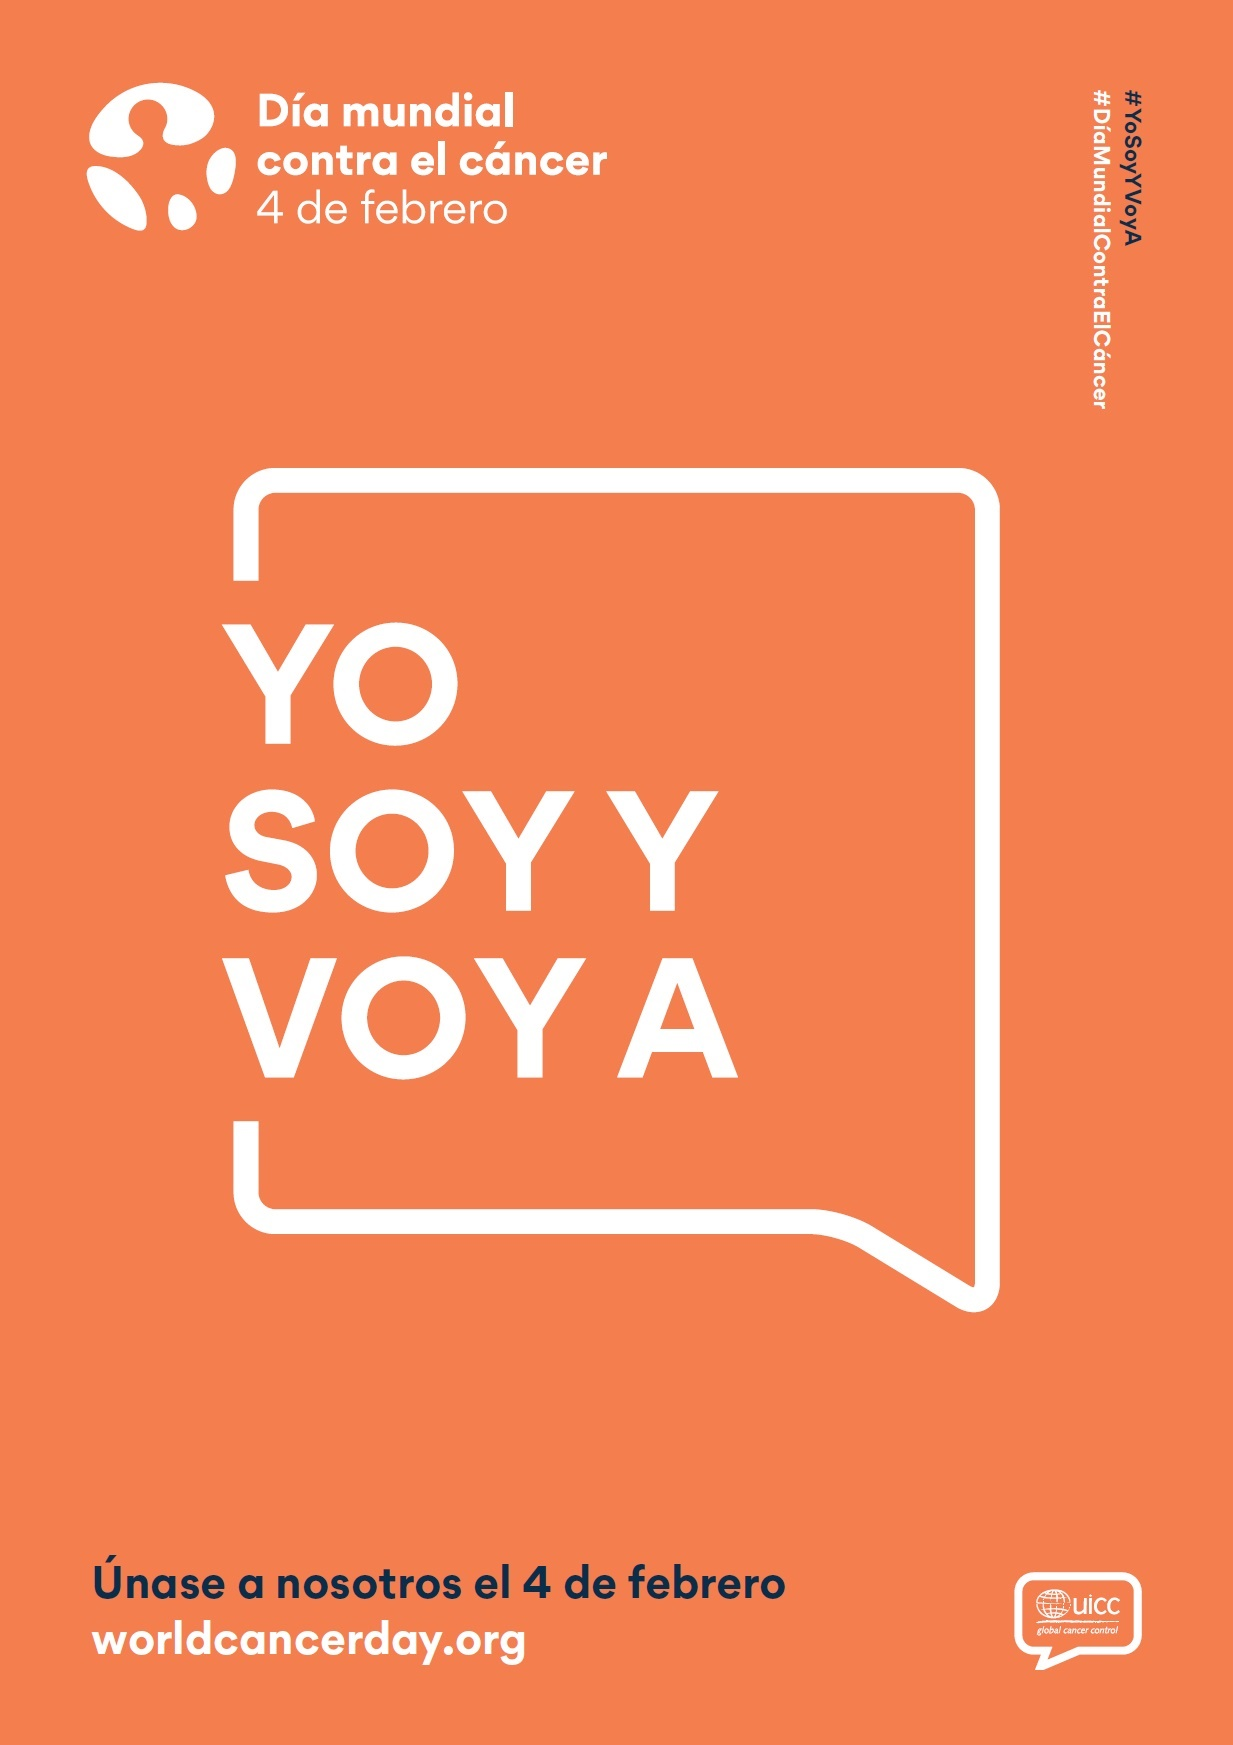 Yo Soy Y Voy A Lema Del Dia Mundial Contra El Cancer 2020 En Buena Edad